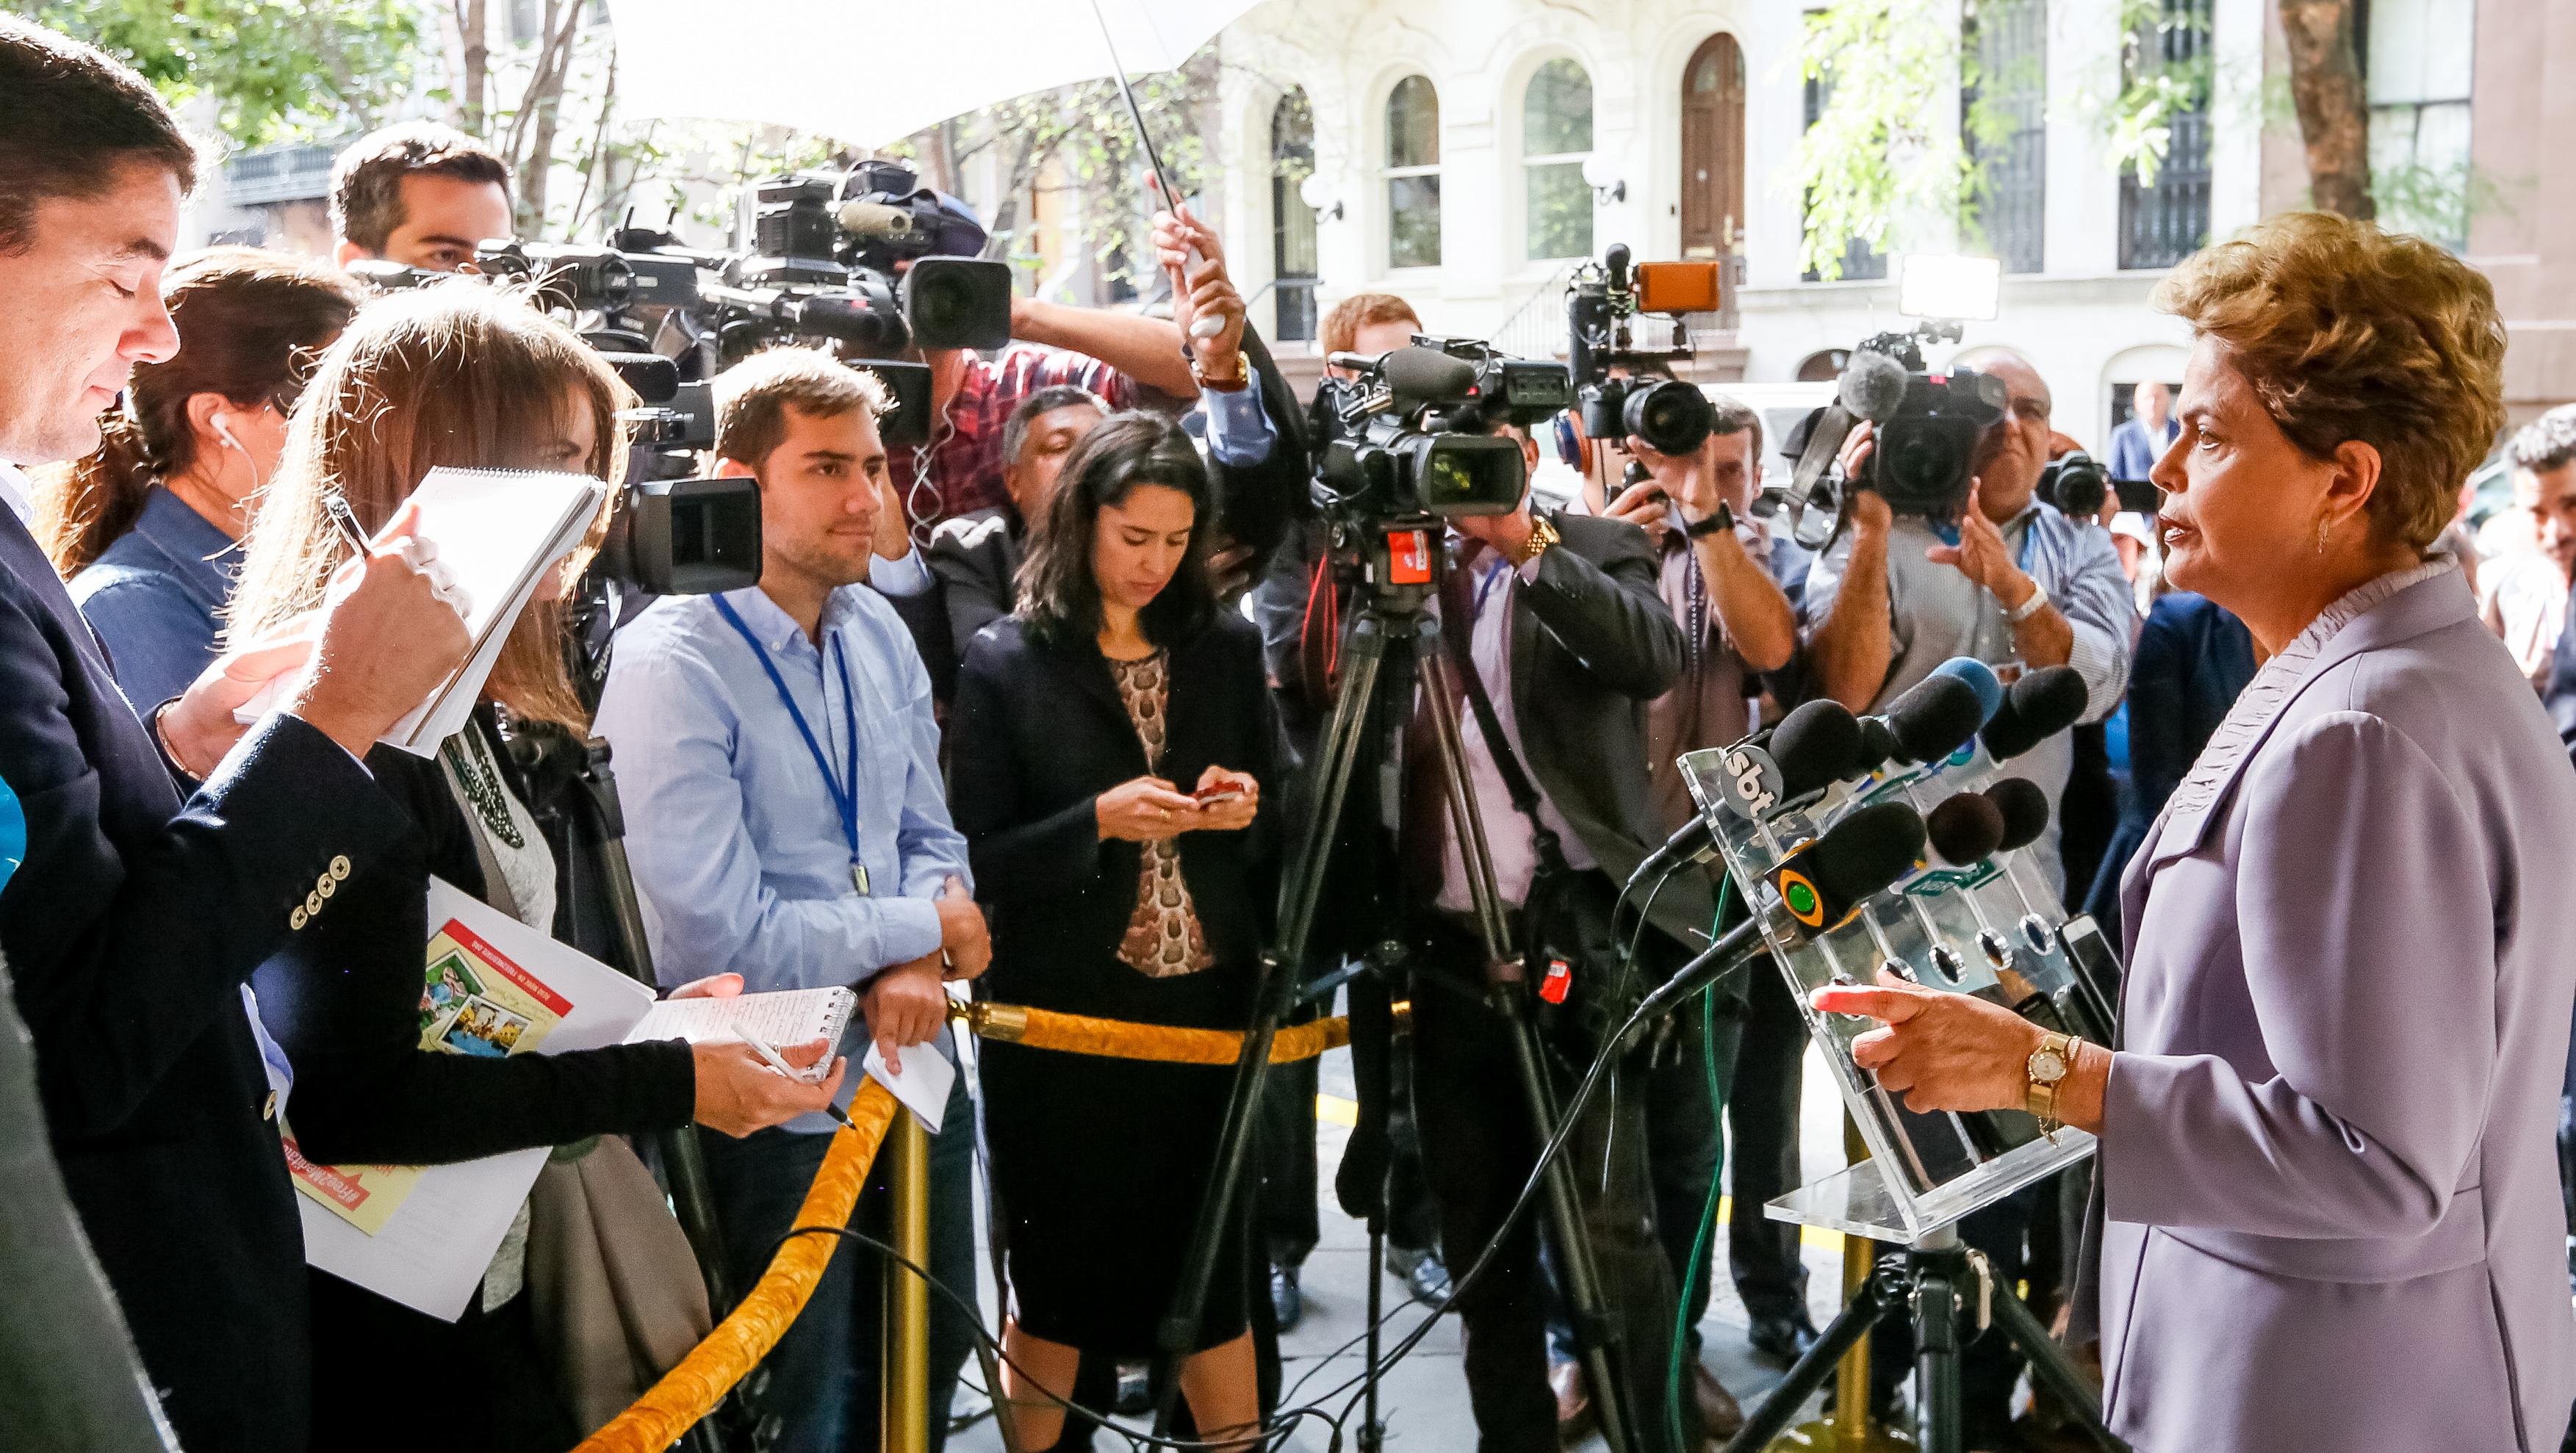 Crisis enfrentadas en el segundo gobierno de rousseff for Gobierno exterior